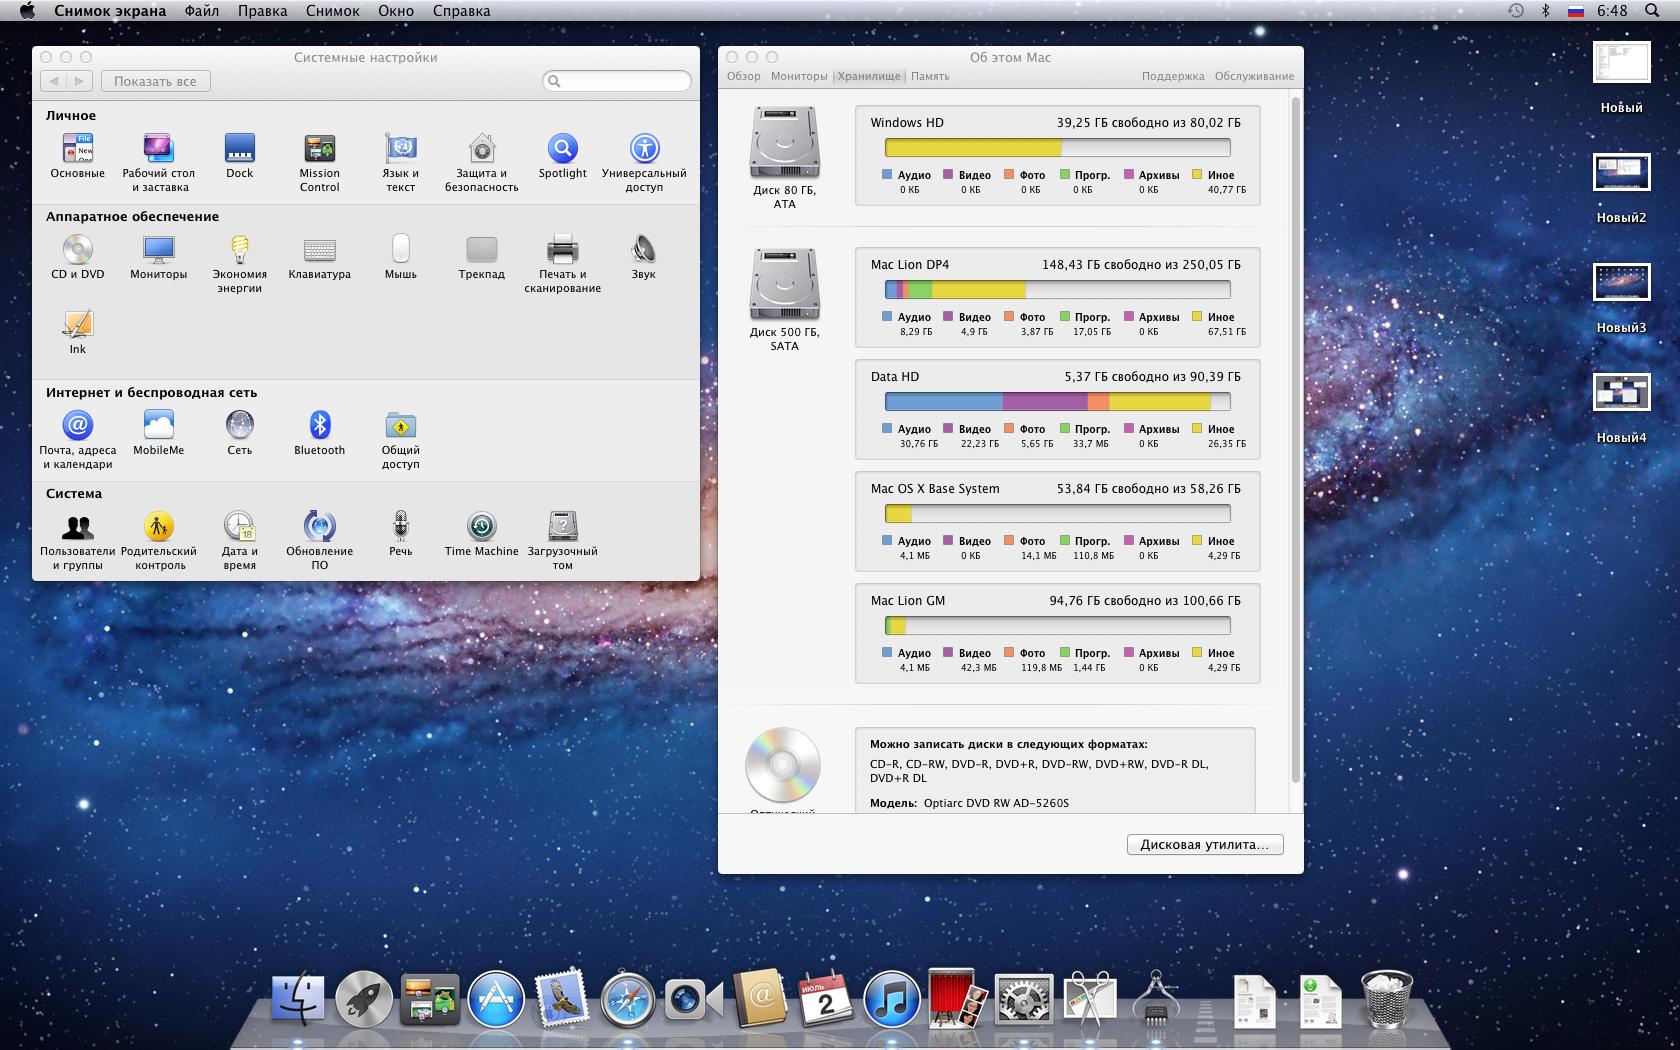 July | 2012 | distro mac.